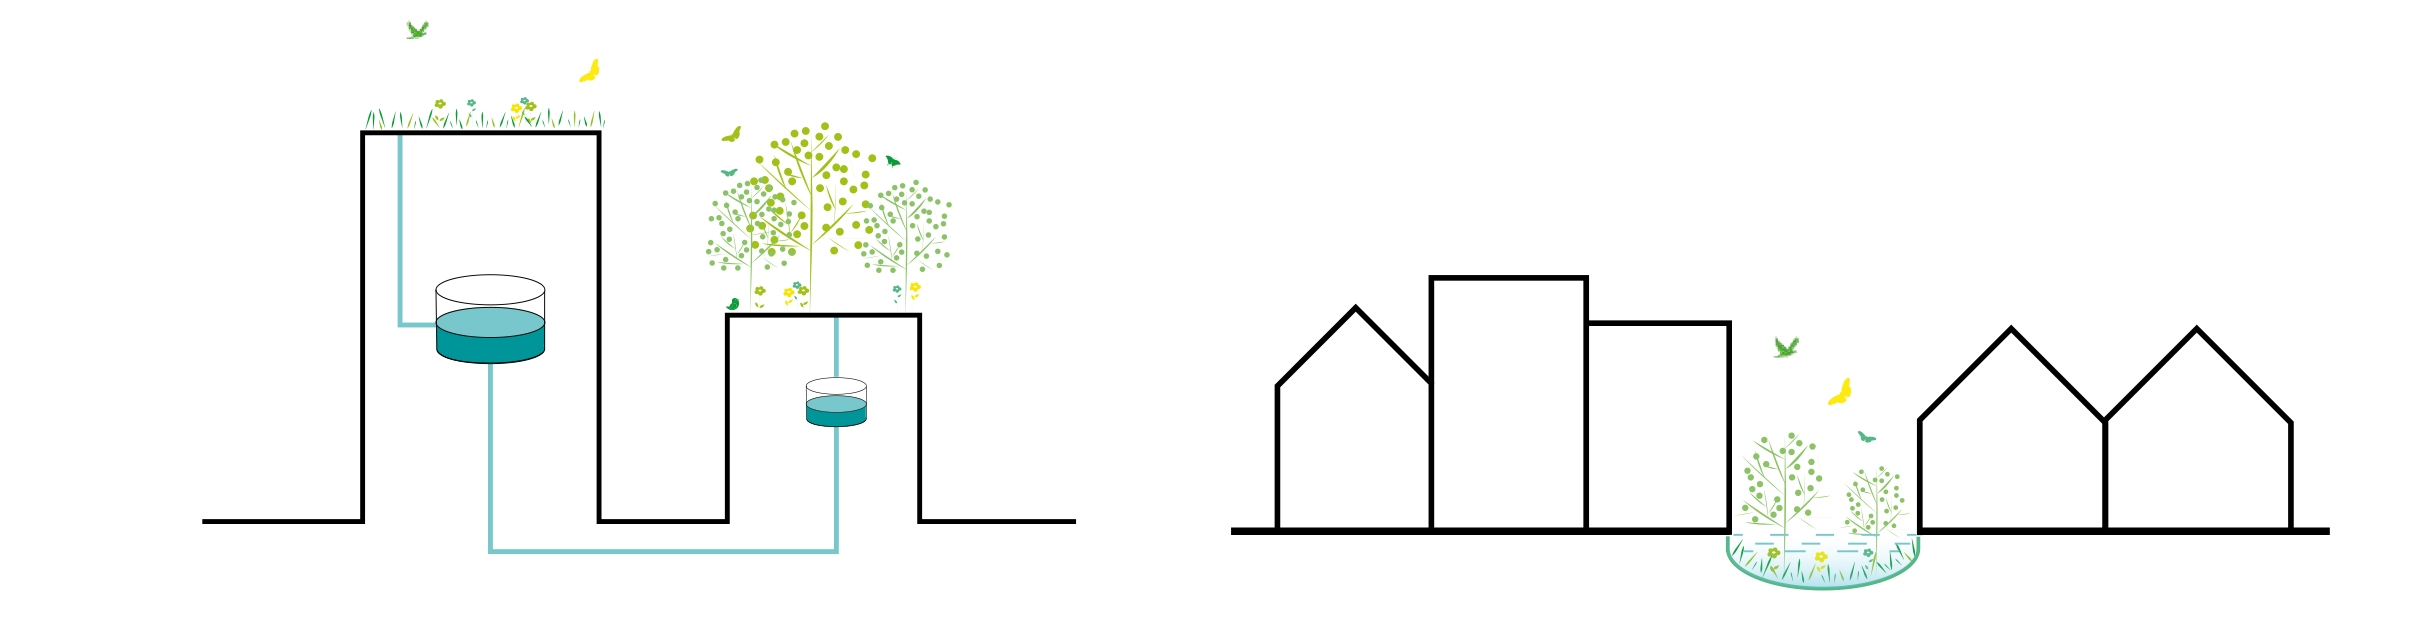 resilience between building.jpg